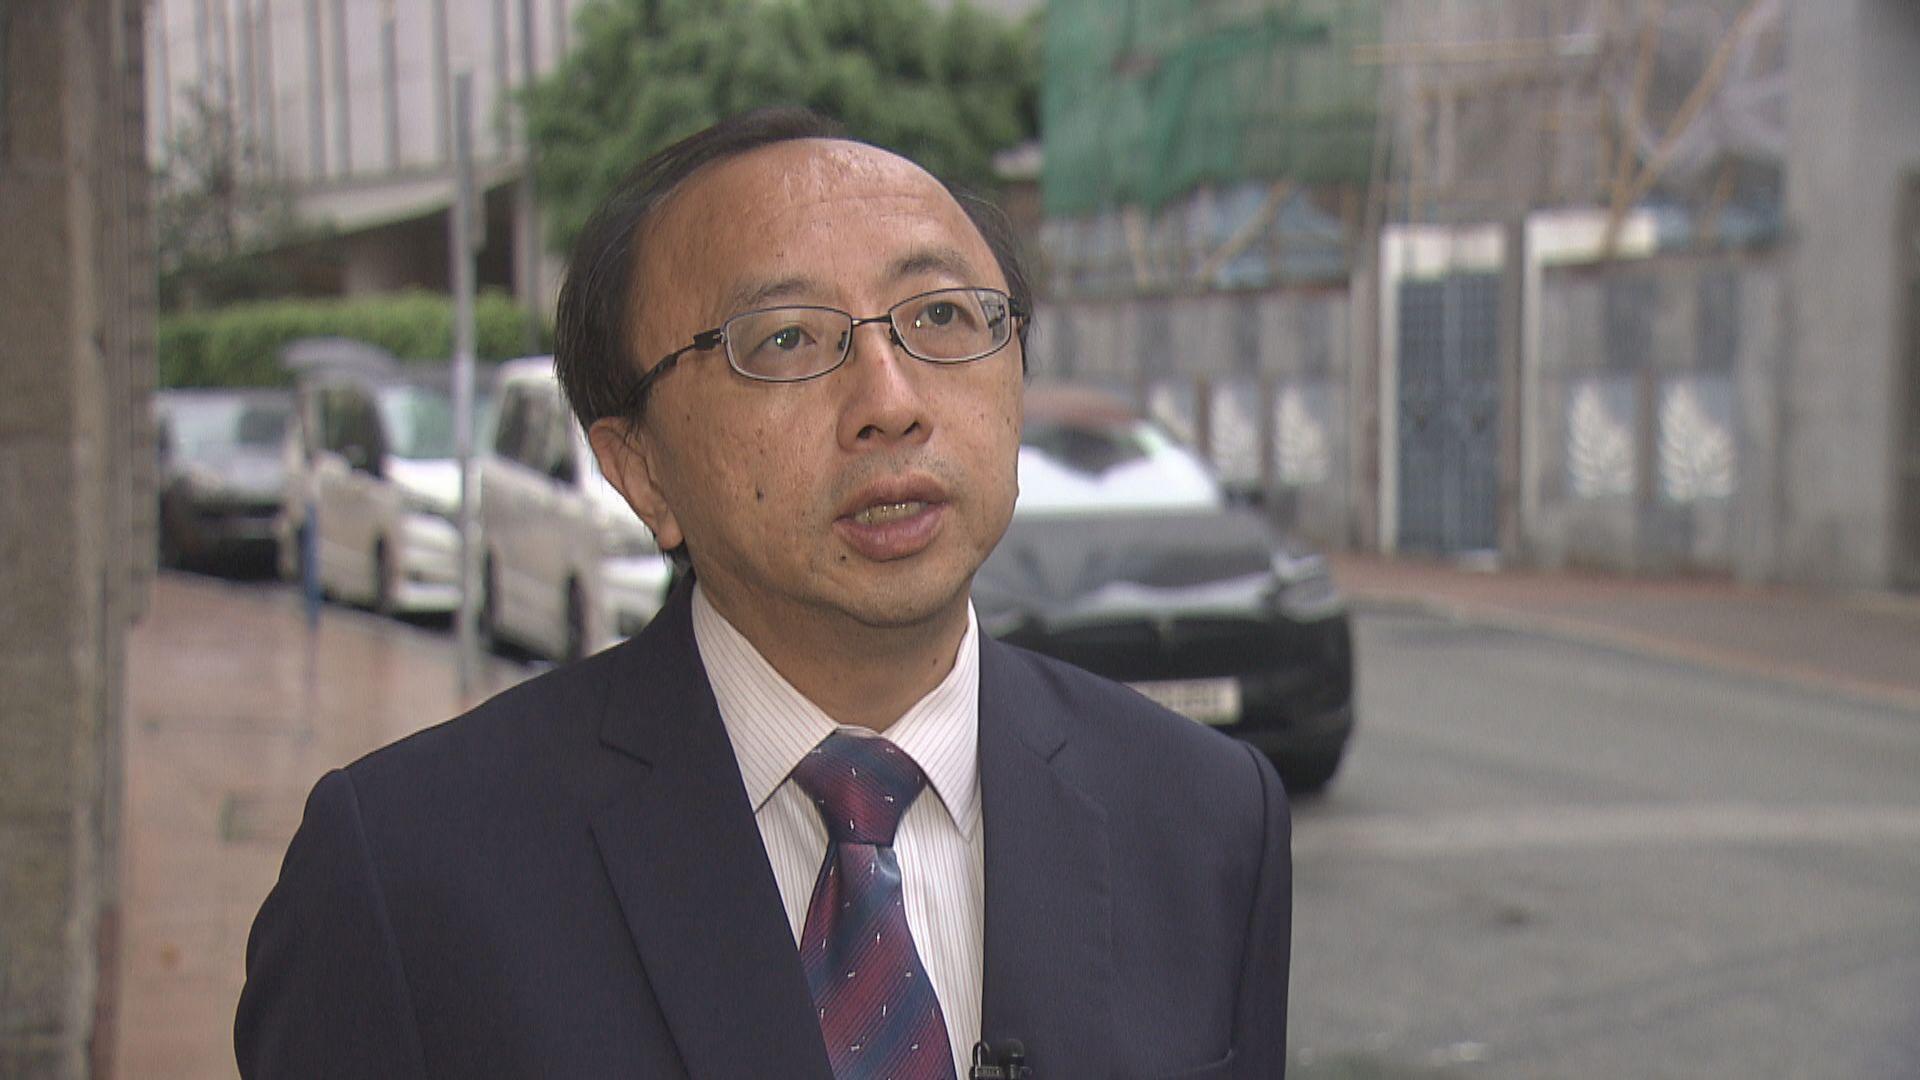 張達明:法官不公開請辭原因做法不尋常 憂影響外地對香港司法制度信心